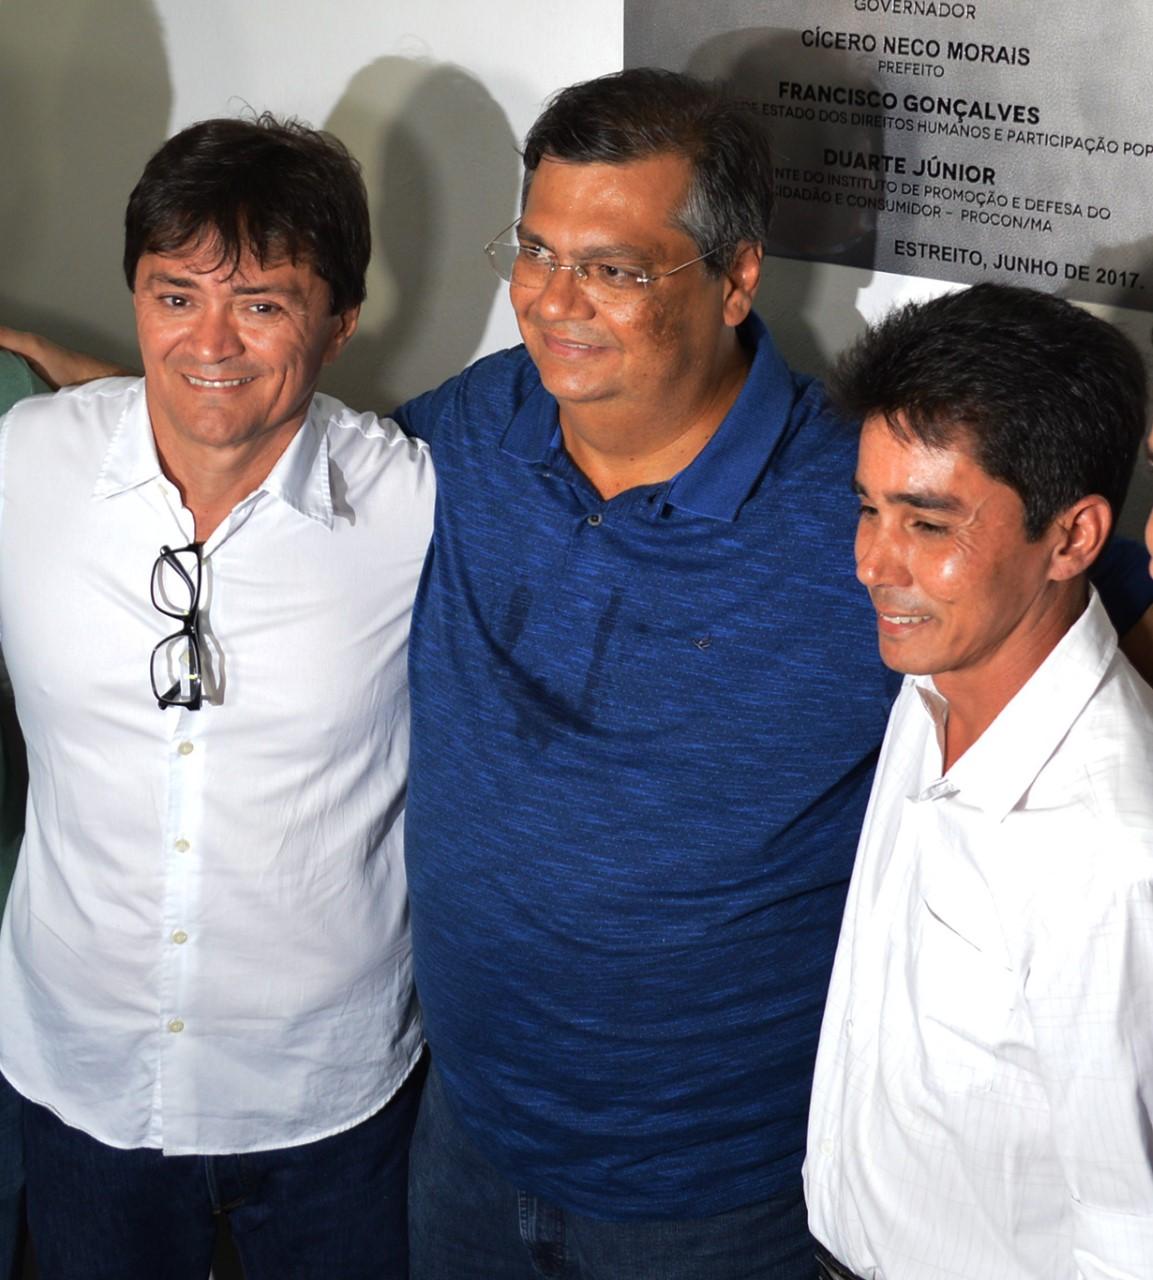 thumbnail_Deputado Léo governador Flávio Dino e prefeito Cicero Neco em Estreito